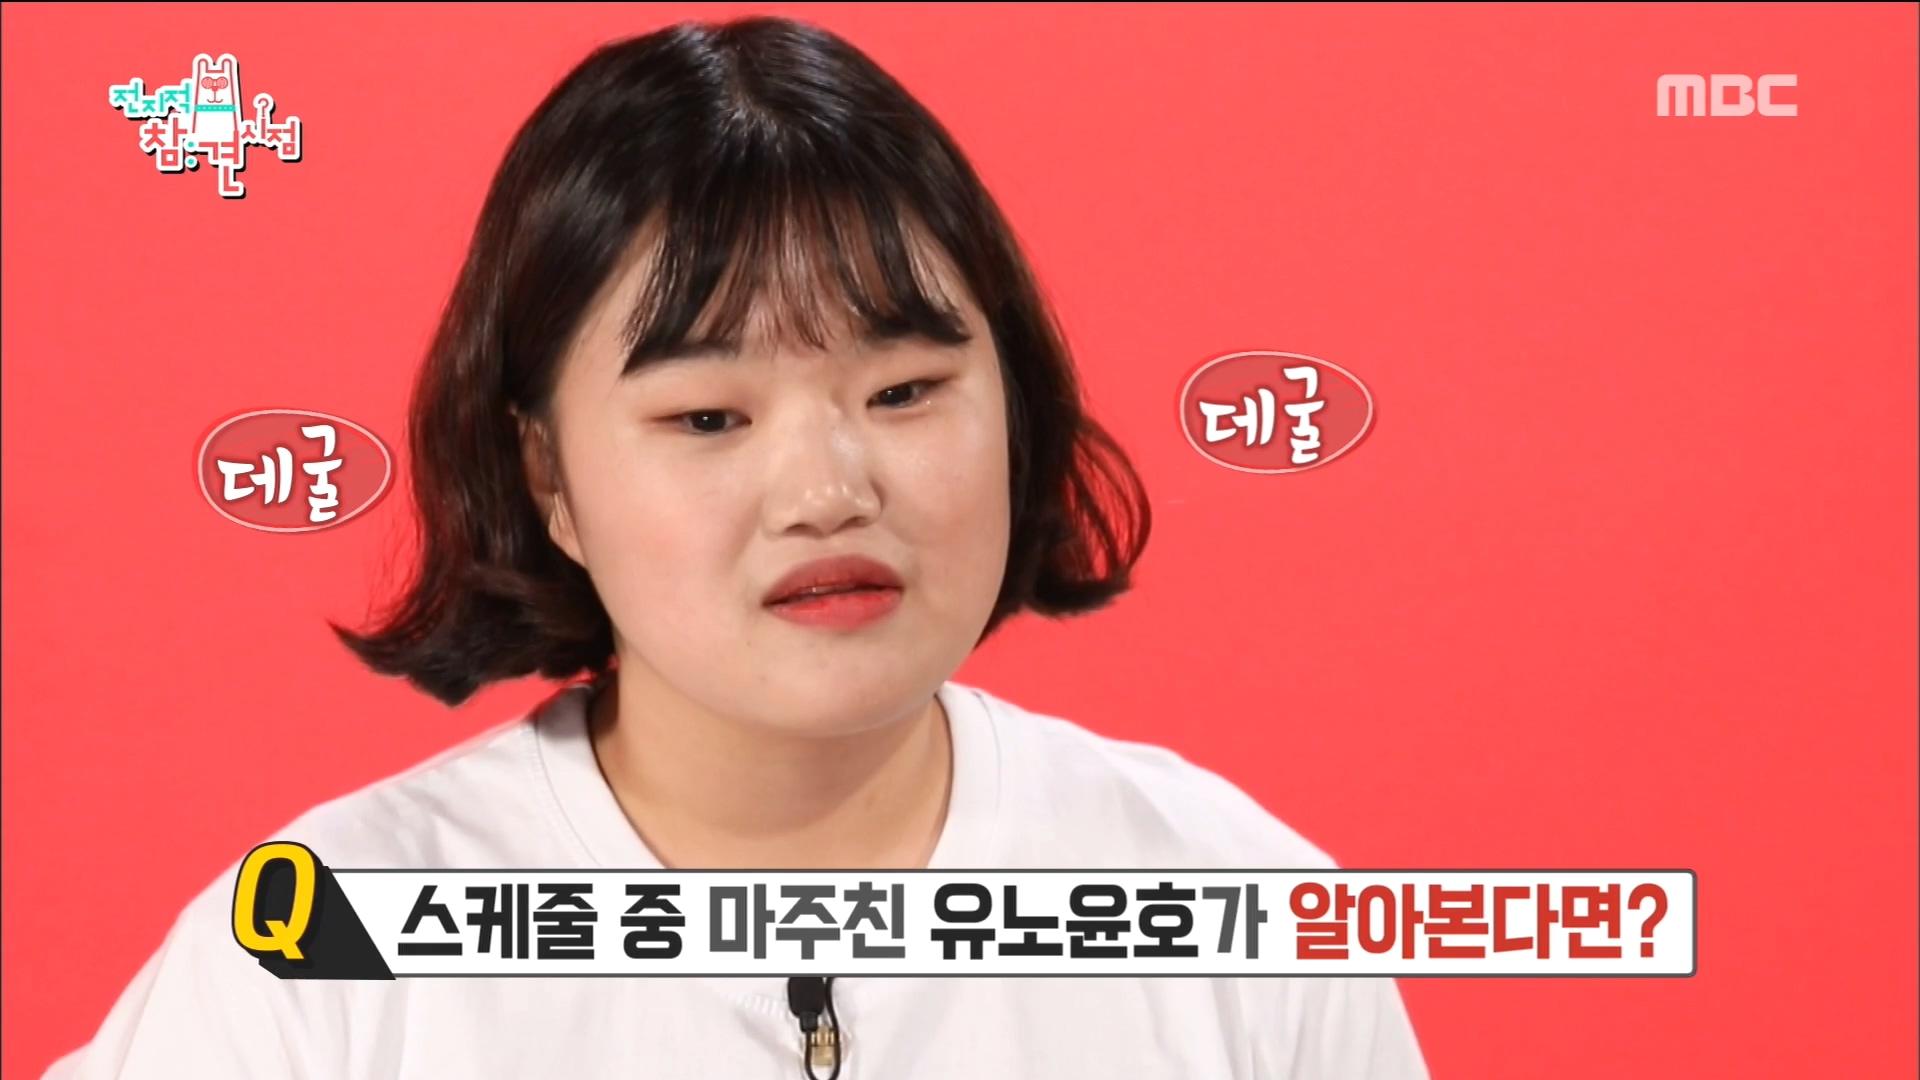 송이 매니저 설레게 만드는 그 이름 '동방신기♡'